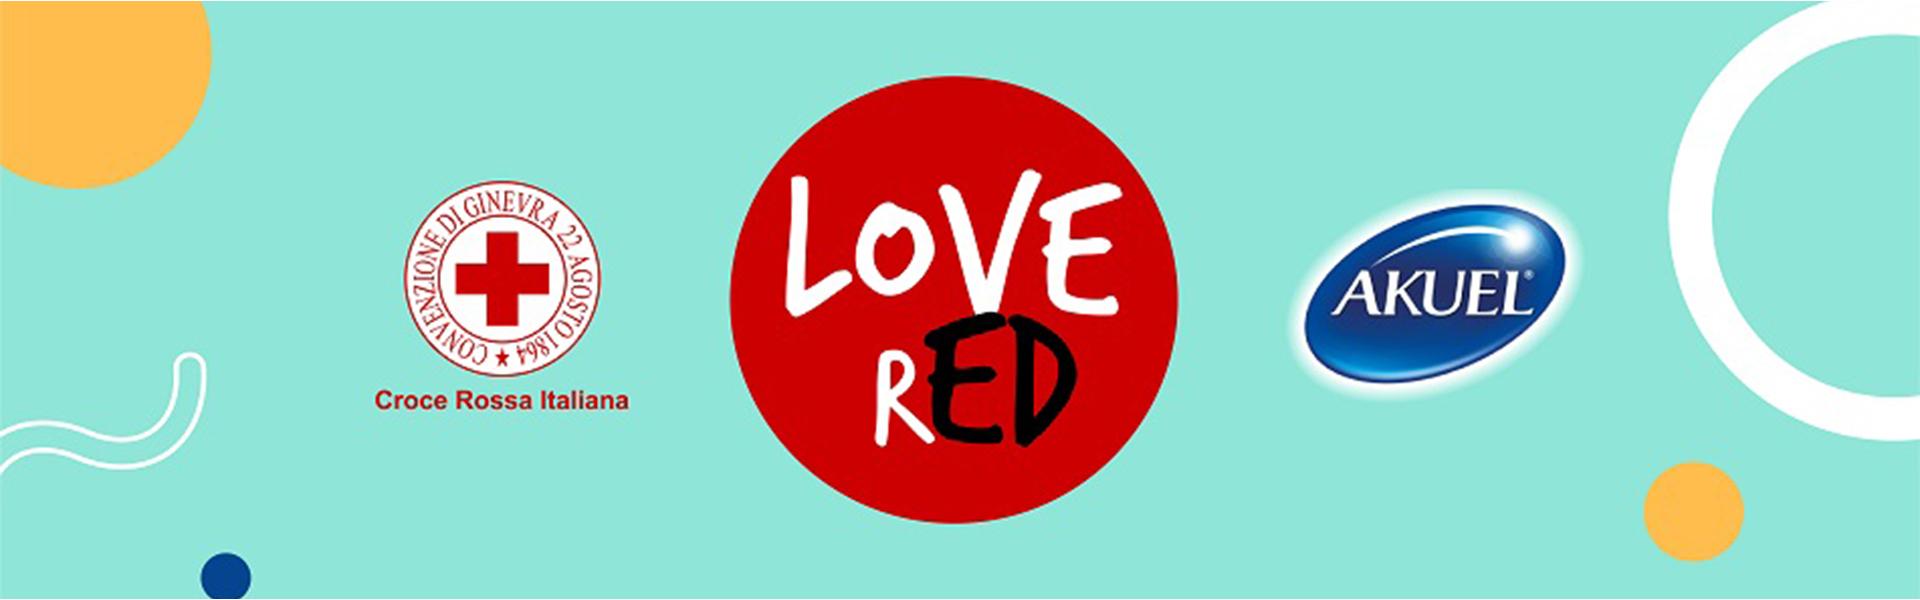 Progetto Love Red